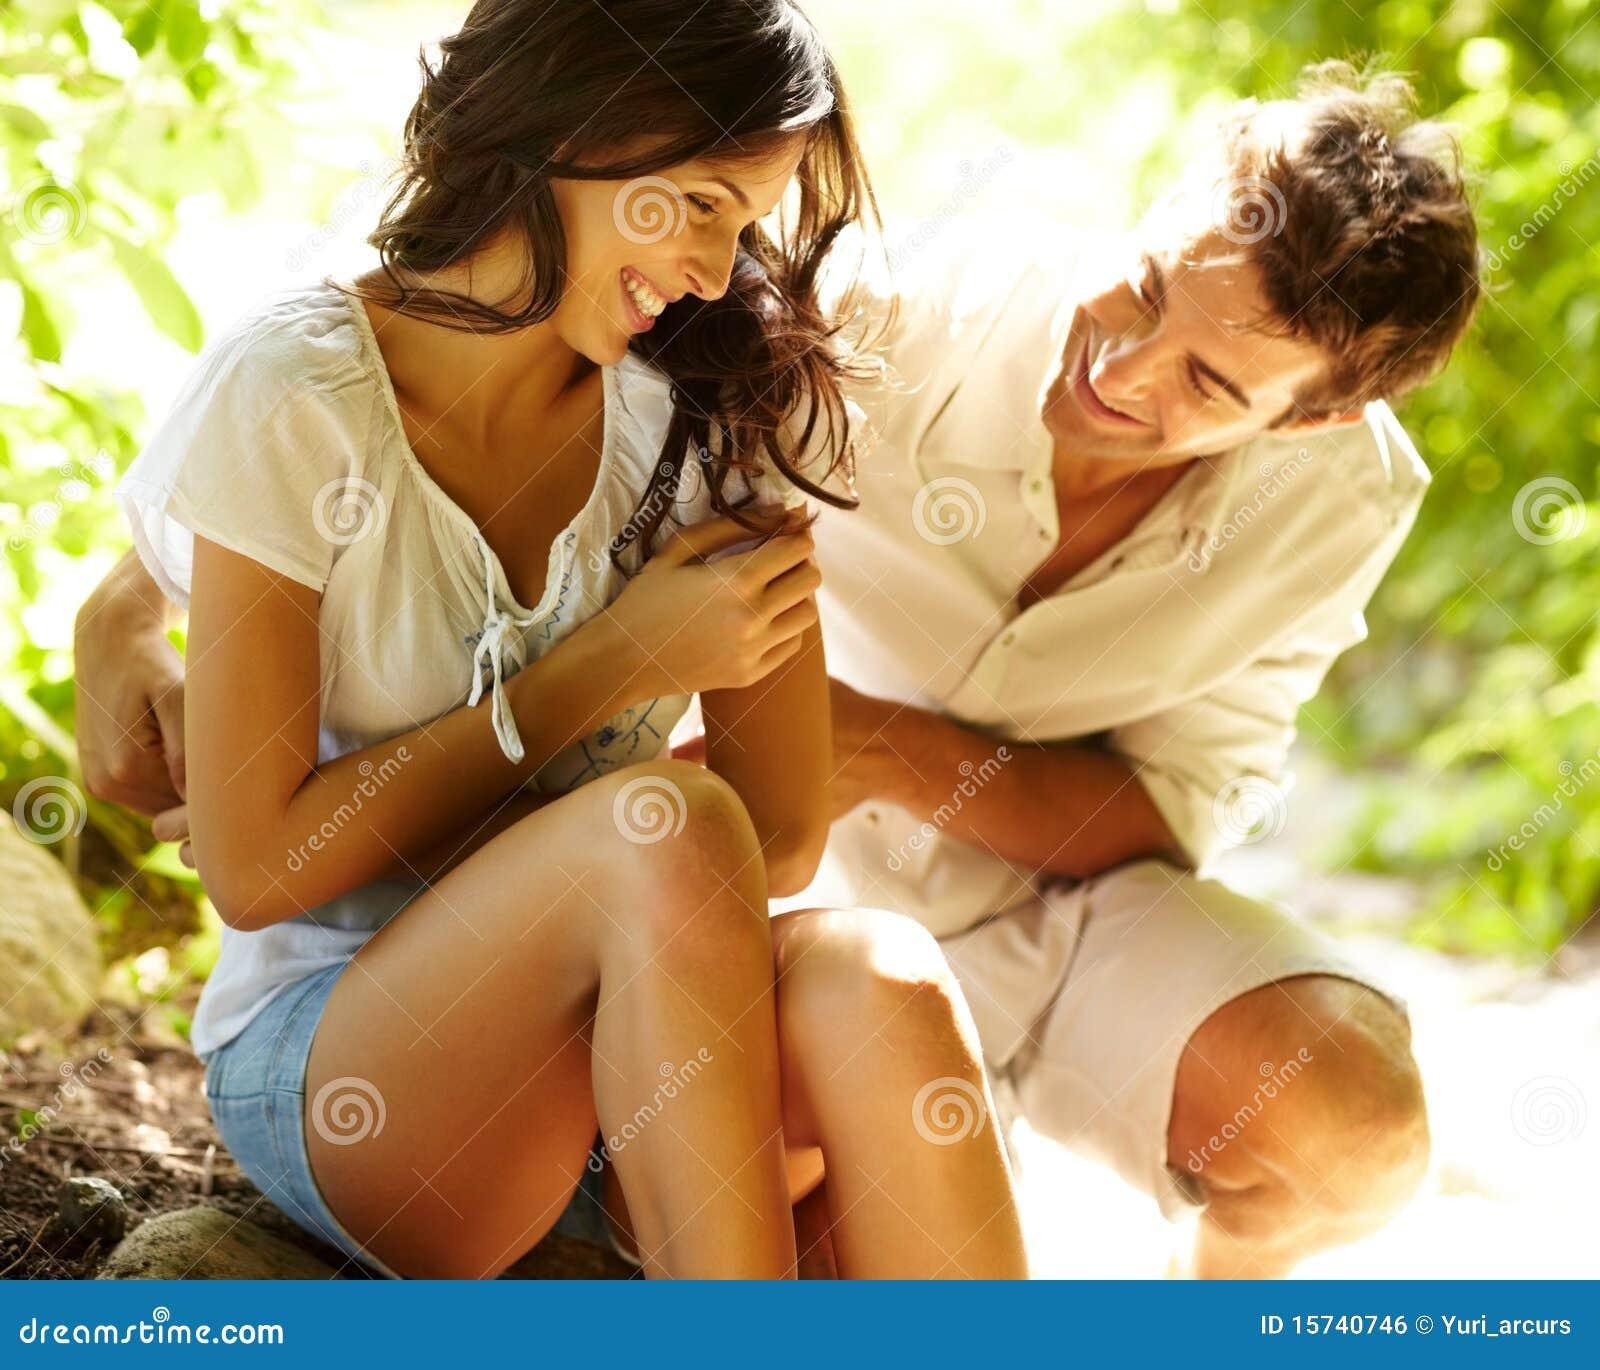 Сексуальный тест на совместимость для двоих 2 фотография